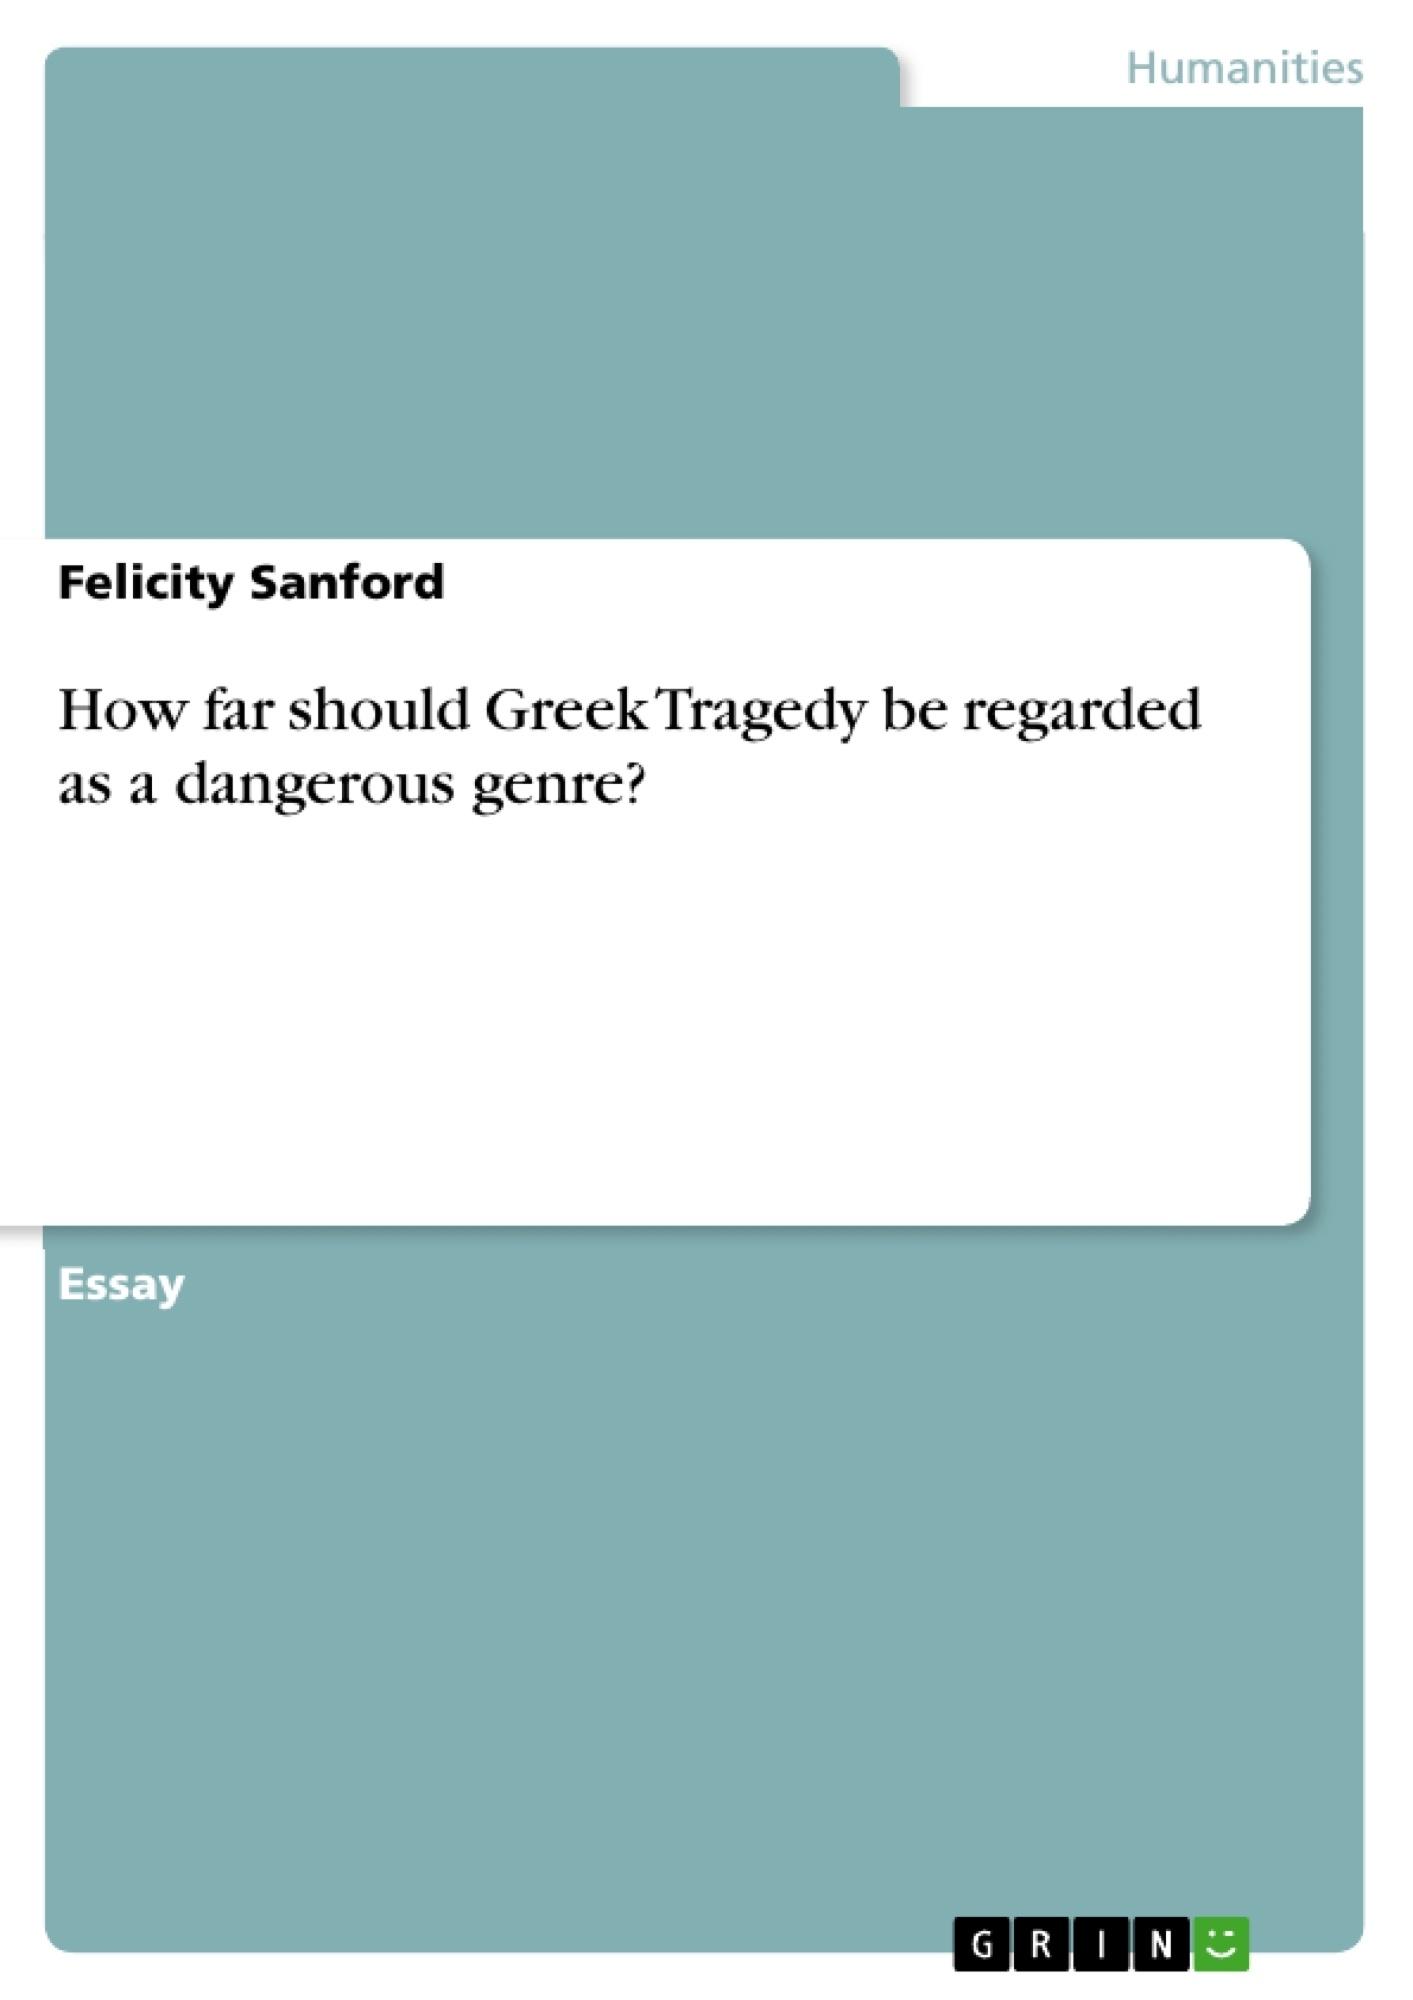 Title: How far should Greek Tragedy be regarded as a dangerous genre?